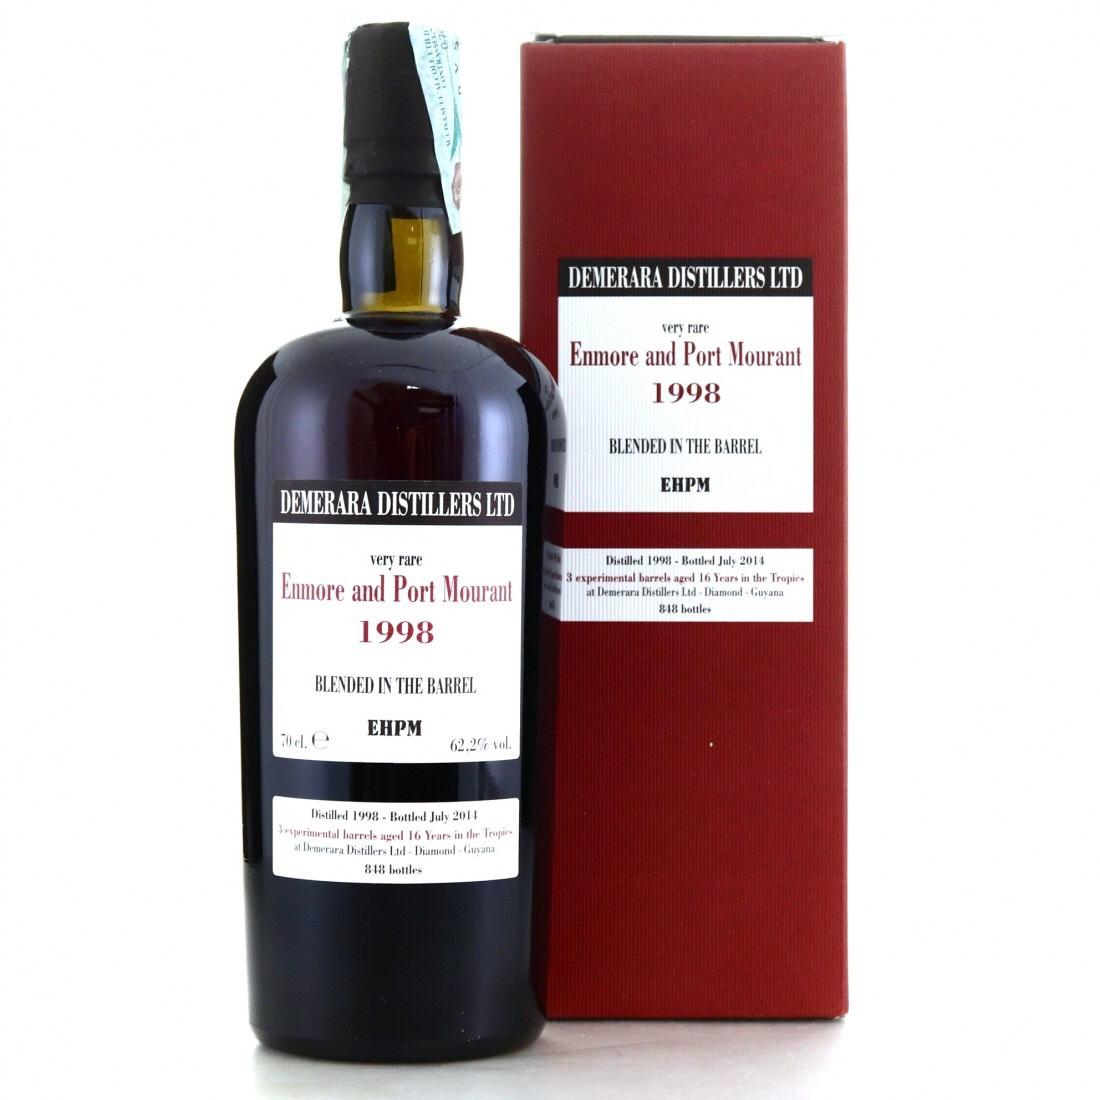 Bottle image of EHPM